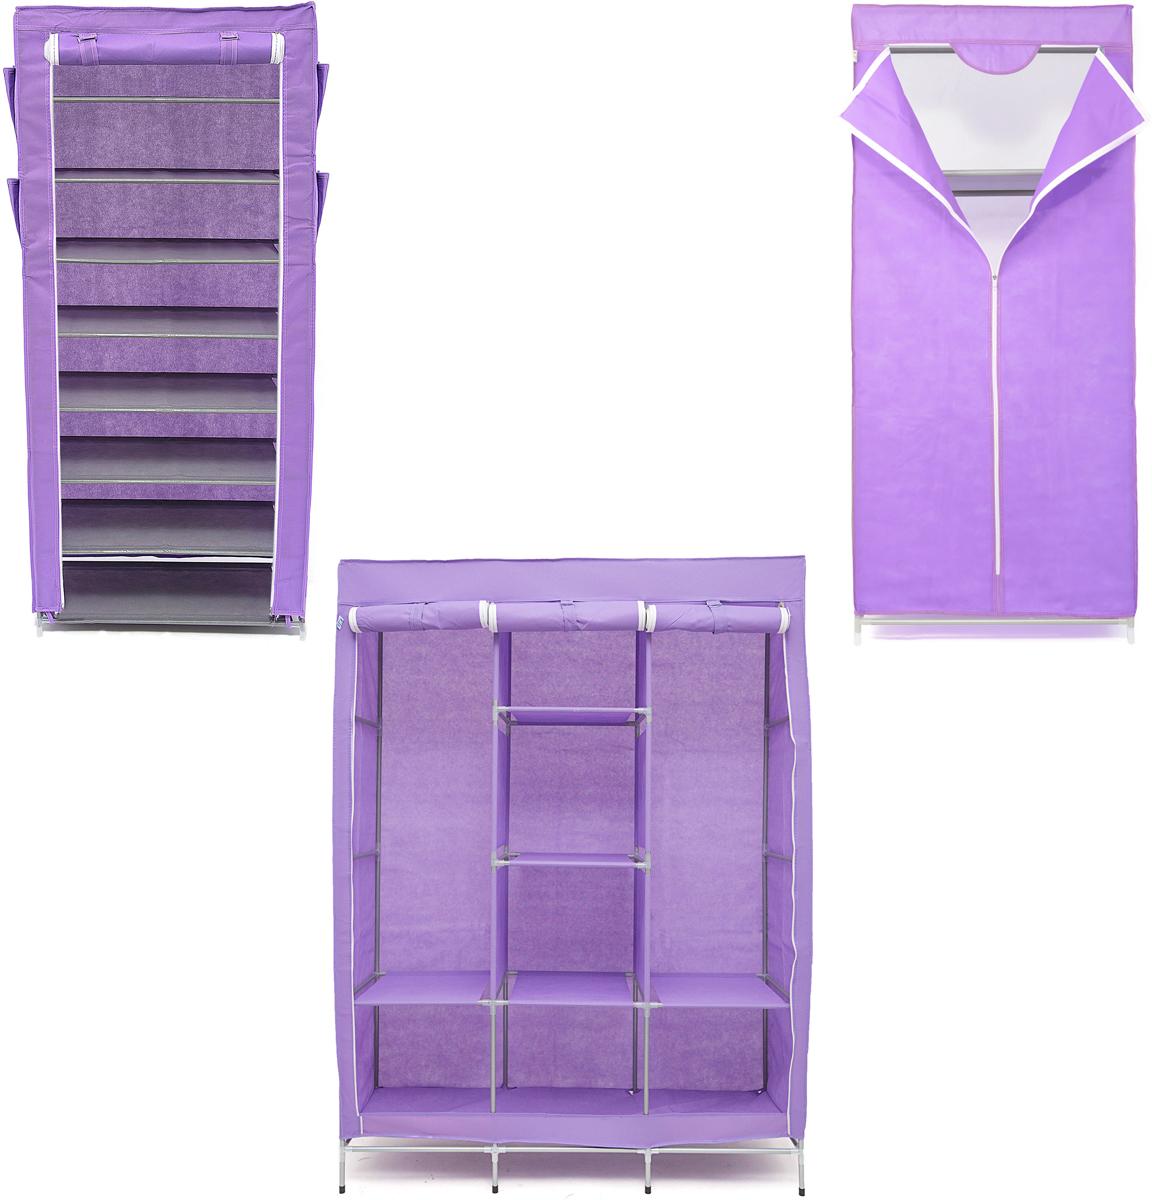 Набор кофров для хранения Homsu, универсальный, цвет: фиолетовый, 3 штDEN-64Уникальный дизайн этого комплекта станет настоящим украшением для любого интерьера. Практичная составляющая подобной мебели также вне сомнений. Лёгкие и прочные устойчивые конструкции из каркасов и тканевой обивки могут быть легко собраны вами без посторонней помощи, буквально за несколько минут. Такая мебель будет всегда удобной и максимально практичной, ведь верхнюю тканевую часть при надобности можно всегда постирать либо же попросту поменять на аналогичную другого цвета. Кроме того, такие конструкции всегда будут отличным решением для того, кому по душе мобильность и постоянная смена обстановки. 1300х450х1720; 680х450х1550; 600х300х1360